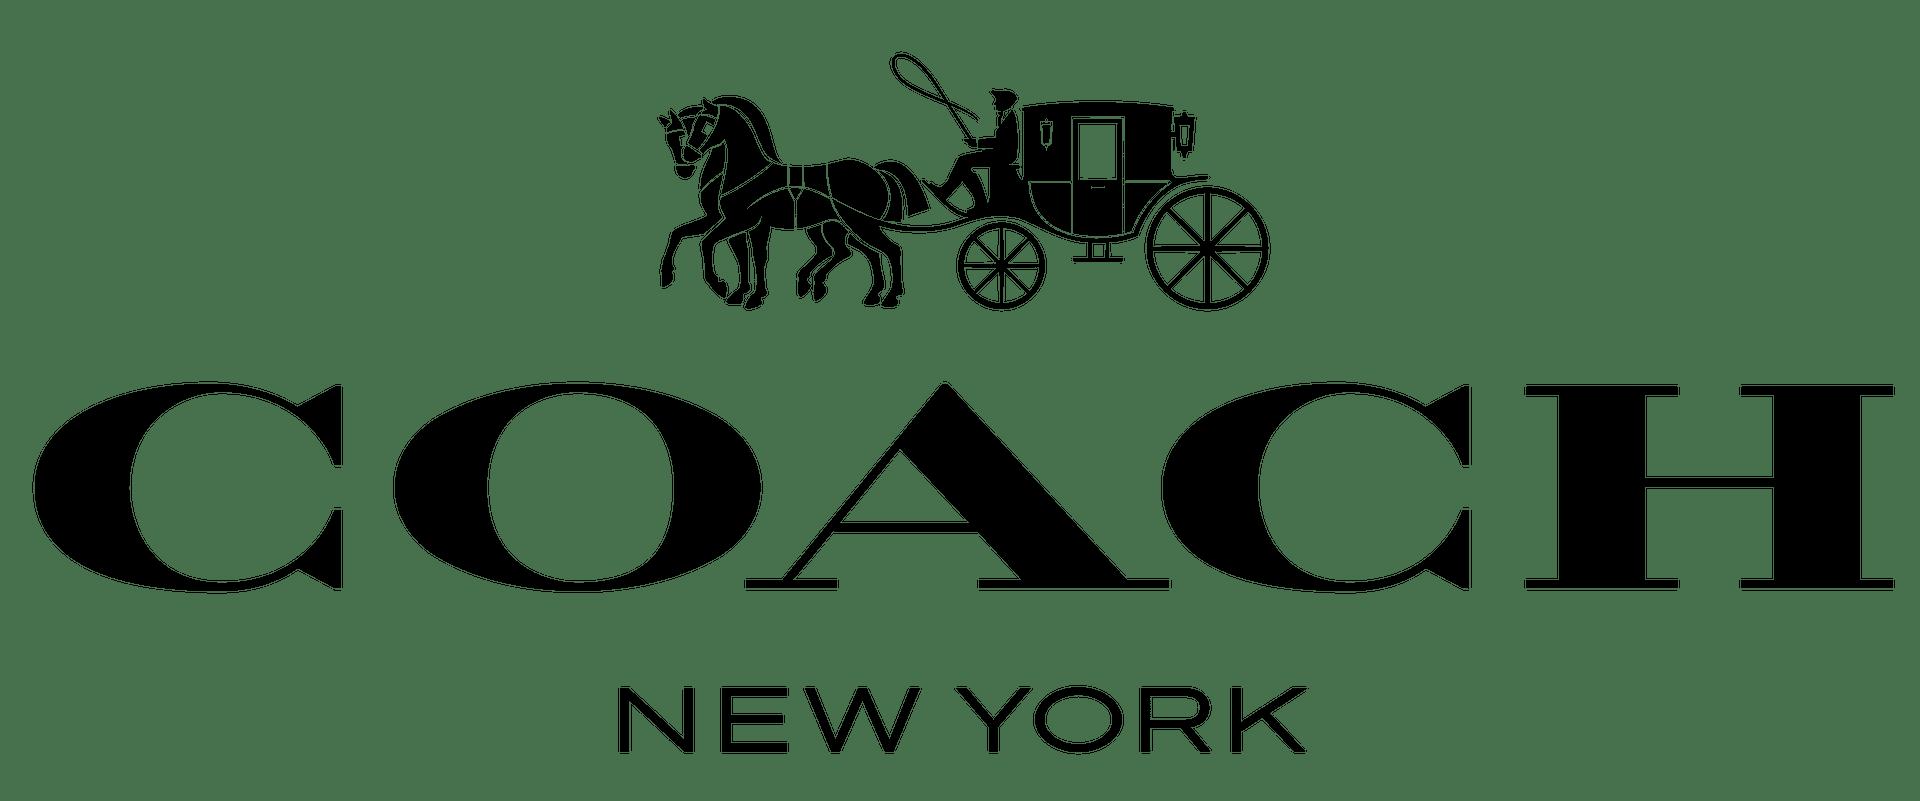 logo coach 2